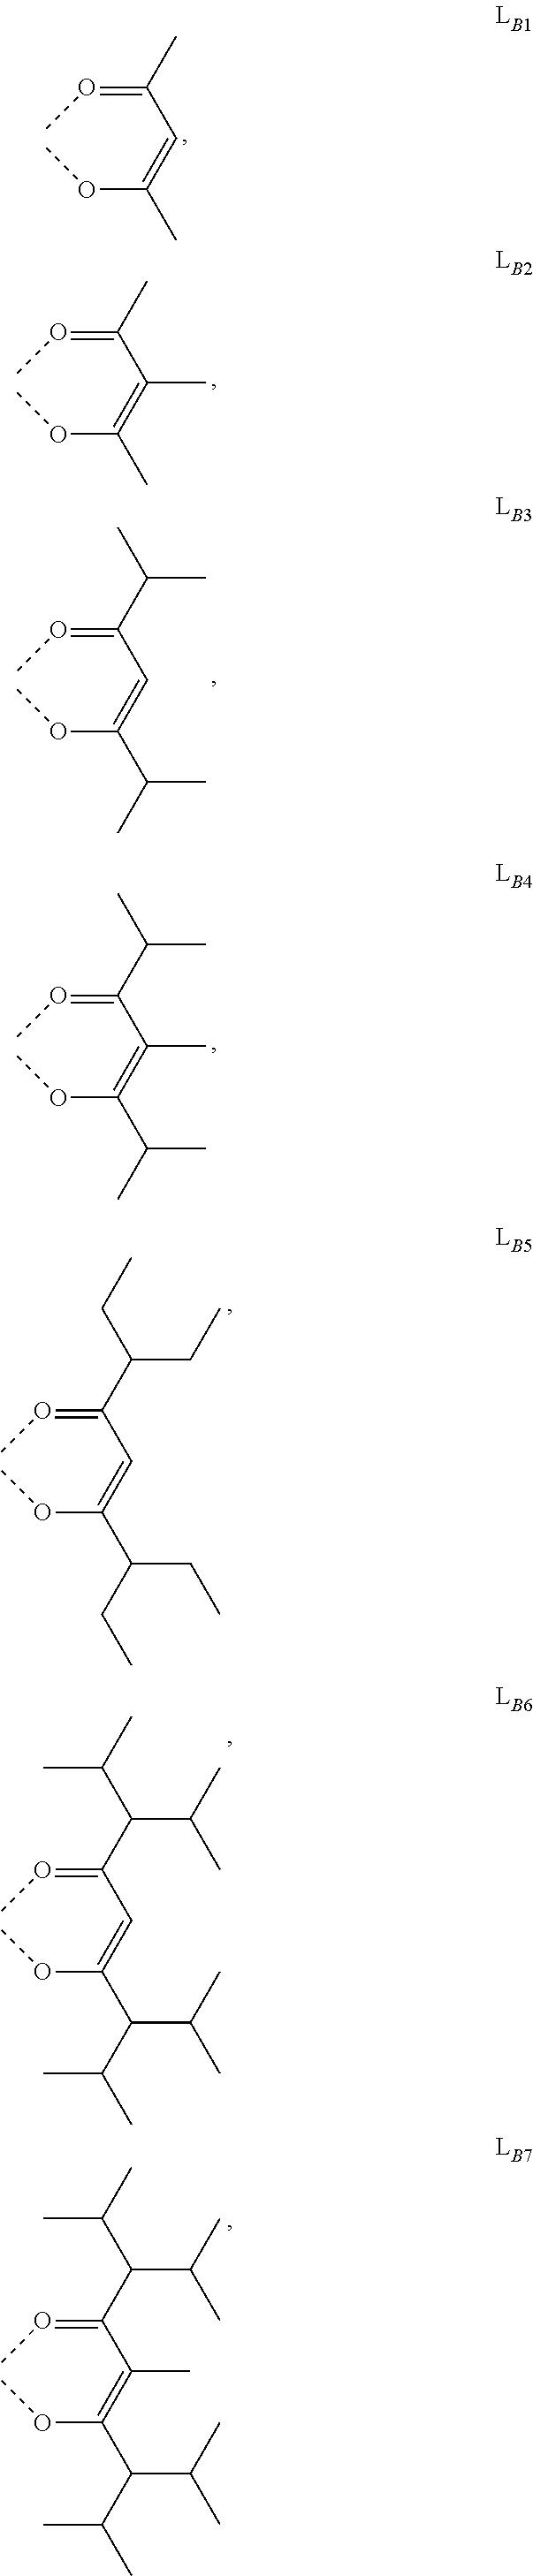 Figure US09859510-20180102-C00023